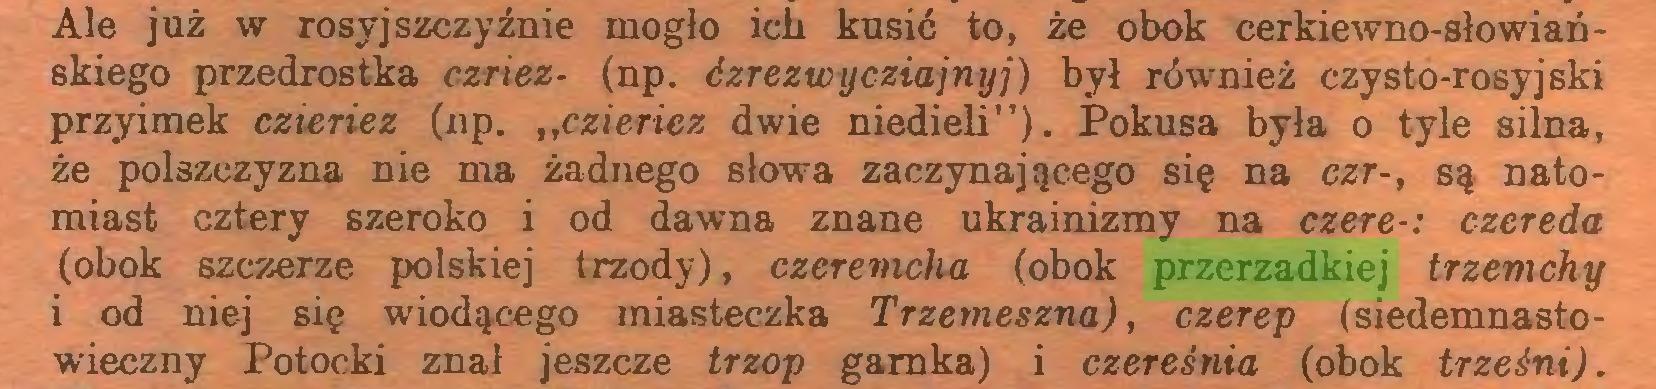 """(...) Ale już w rosyjszczyźnie mogło ich kusić to, że obok cerkiewno-słowiańskiego przedrostka czriez- (np. ¿zrezwycziajnyj) był również czysto-rosyjski przyimek czieriez (np. """"czieriez dwie niedieli""""). Pokusa była o tyle silna, że polszczyzna nie ma żadnego słowa zaczynającego się na czr-, są natomiast cztery szeroko i od dawna znane ukrainizmy na czere-: czereda (obok szczerze polskiej trzody), czeremcha (obok przerzadkiej trzemchy i od niej się wiodącego miasteczka Trzemeszna), czerep (siedemnastowieczny Potocki znał jeszcze trzop garnka) i czereśnia (obok trześni)..."""